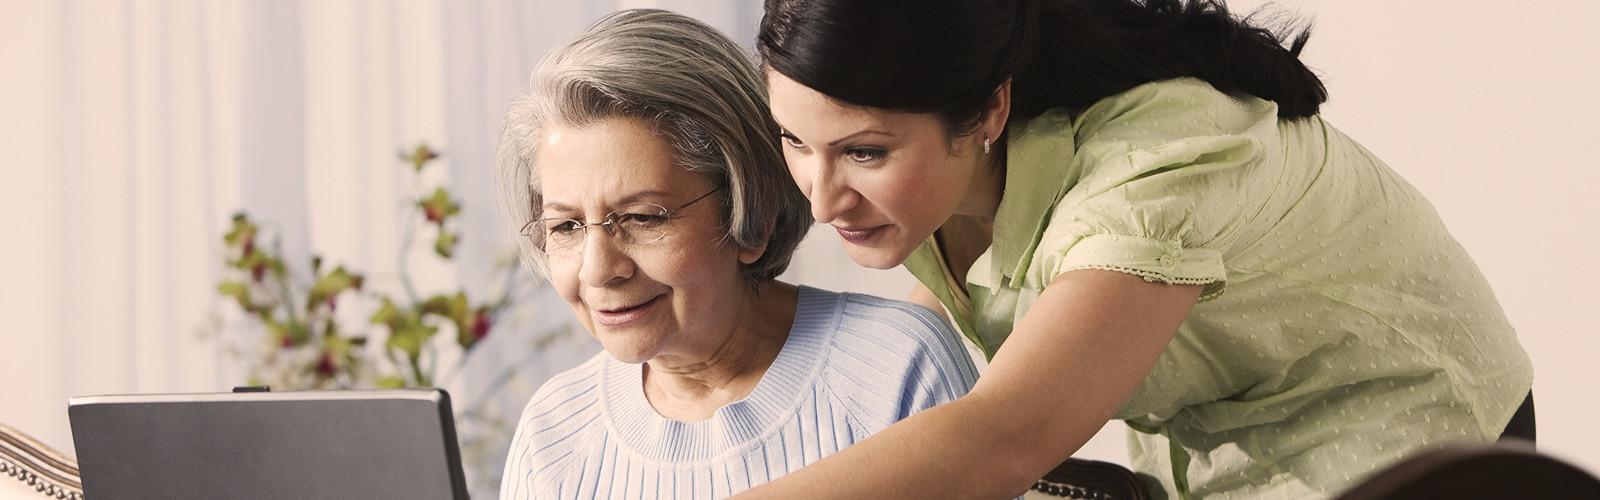 Пожилая и молодая женщины за компьютером— как болезнь Альцгеймера влияет на ваших близких